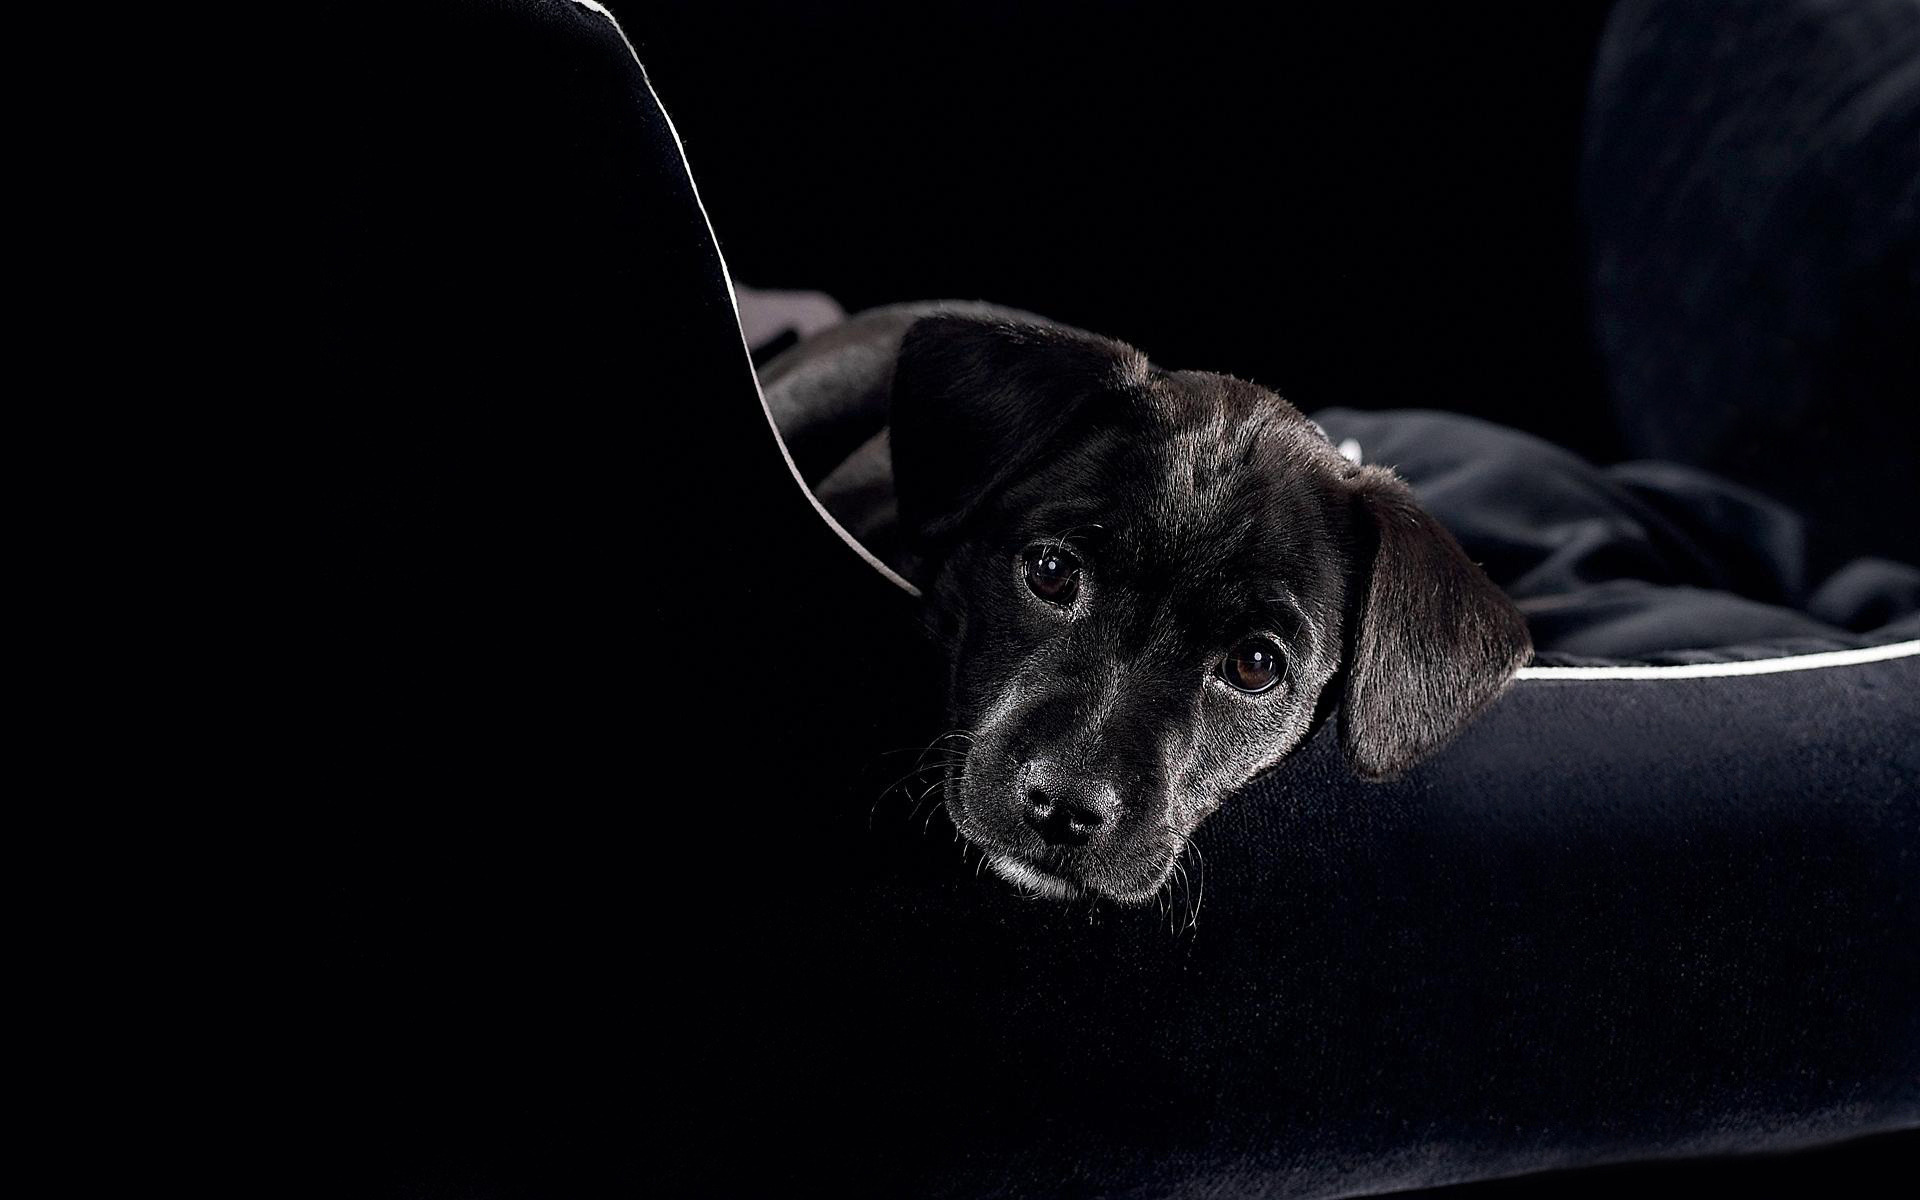 Черно-белый пес на полу  № 1157294 бесплатно